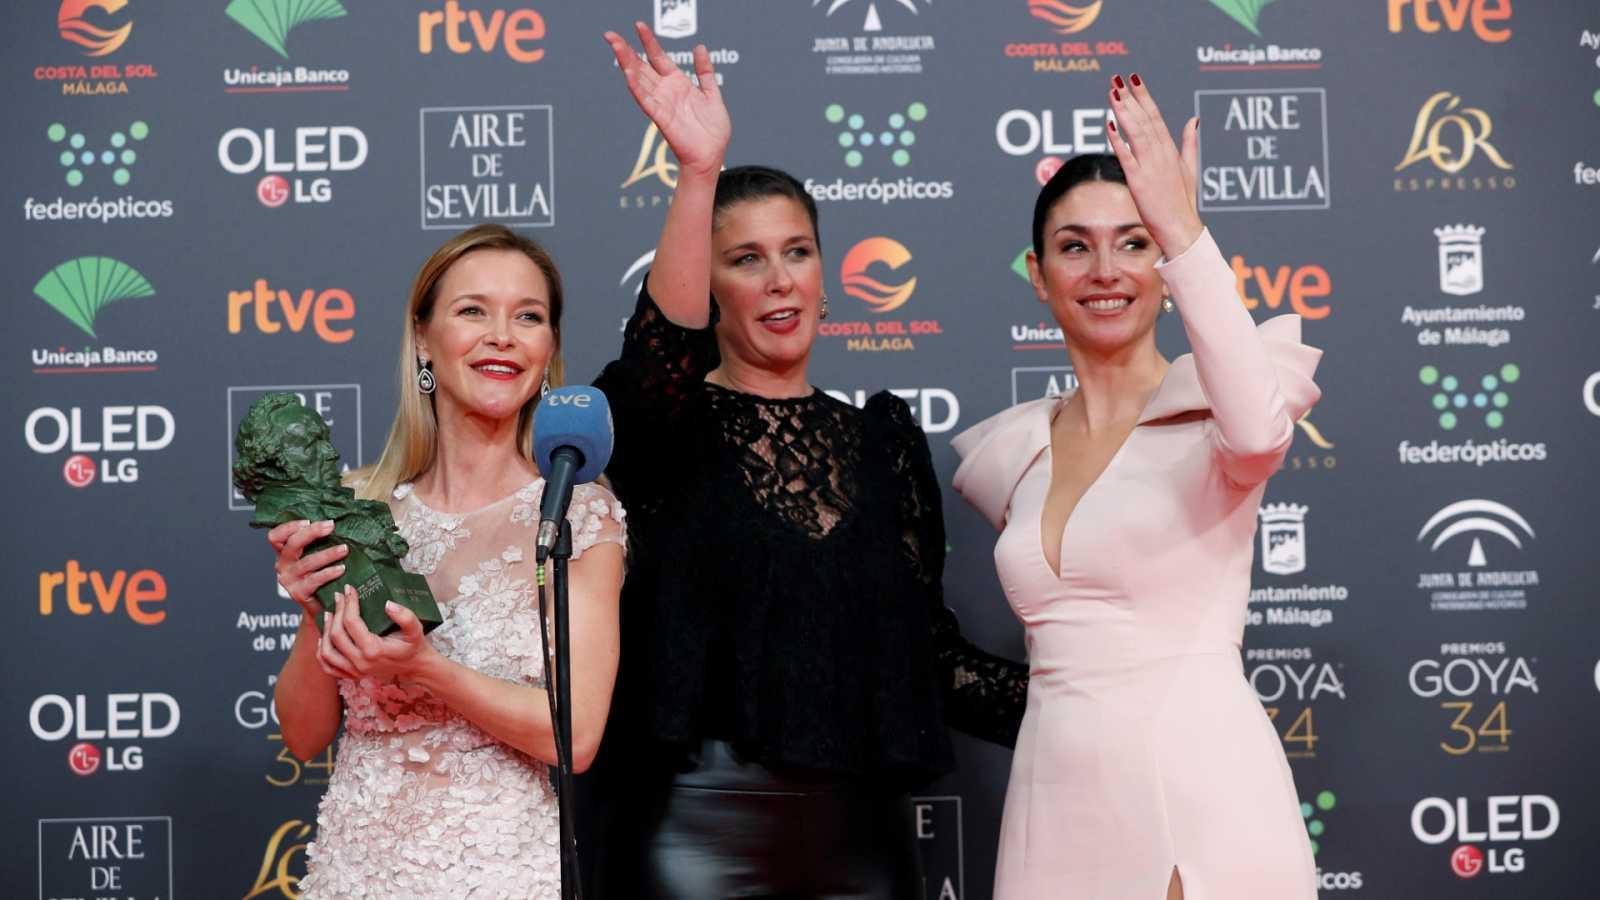 Premios Goya 2020 - Gala de los Premios Goya 2020 - ver ahora